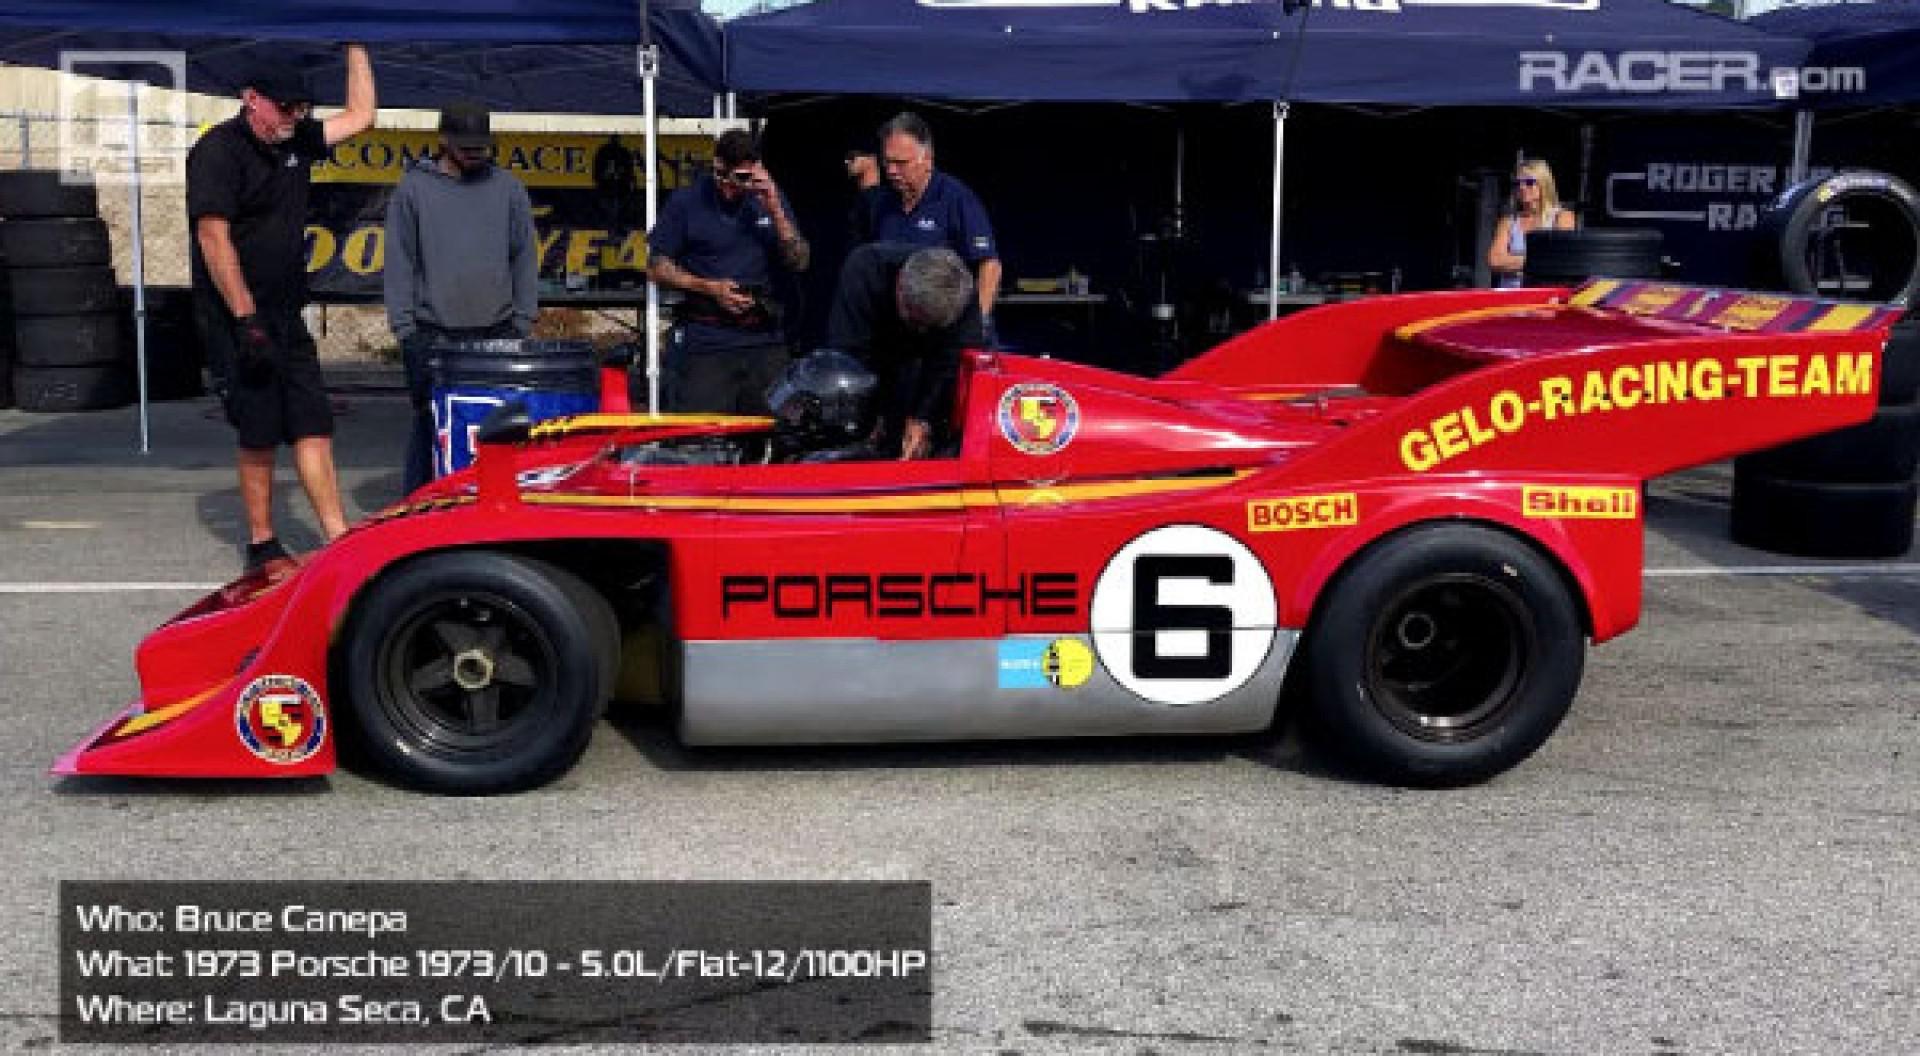 Vidéo: Bruce Canepa a pris la piste au volant d'une Porsche 917/10